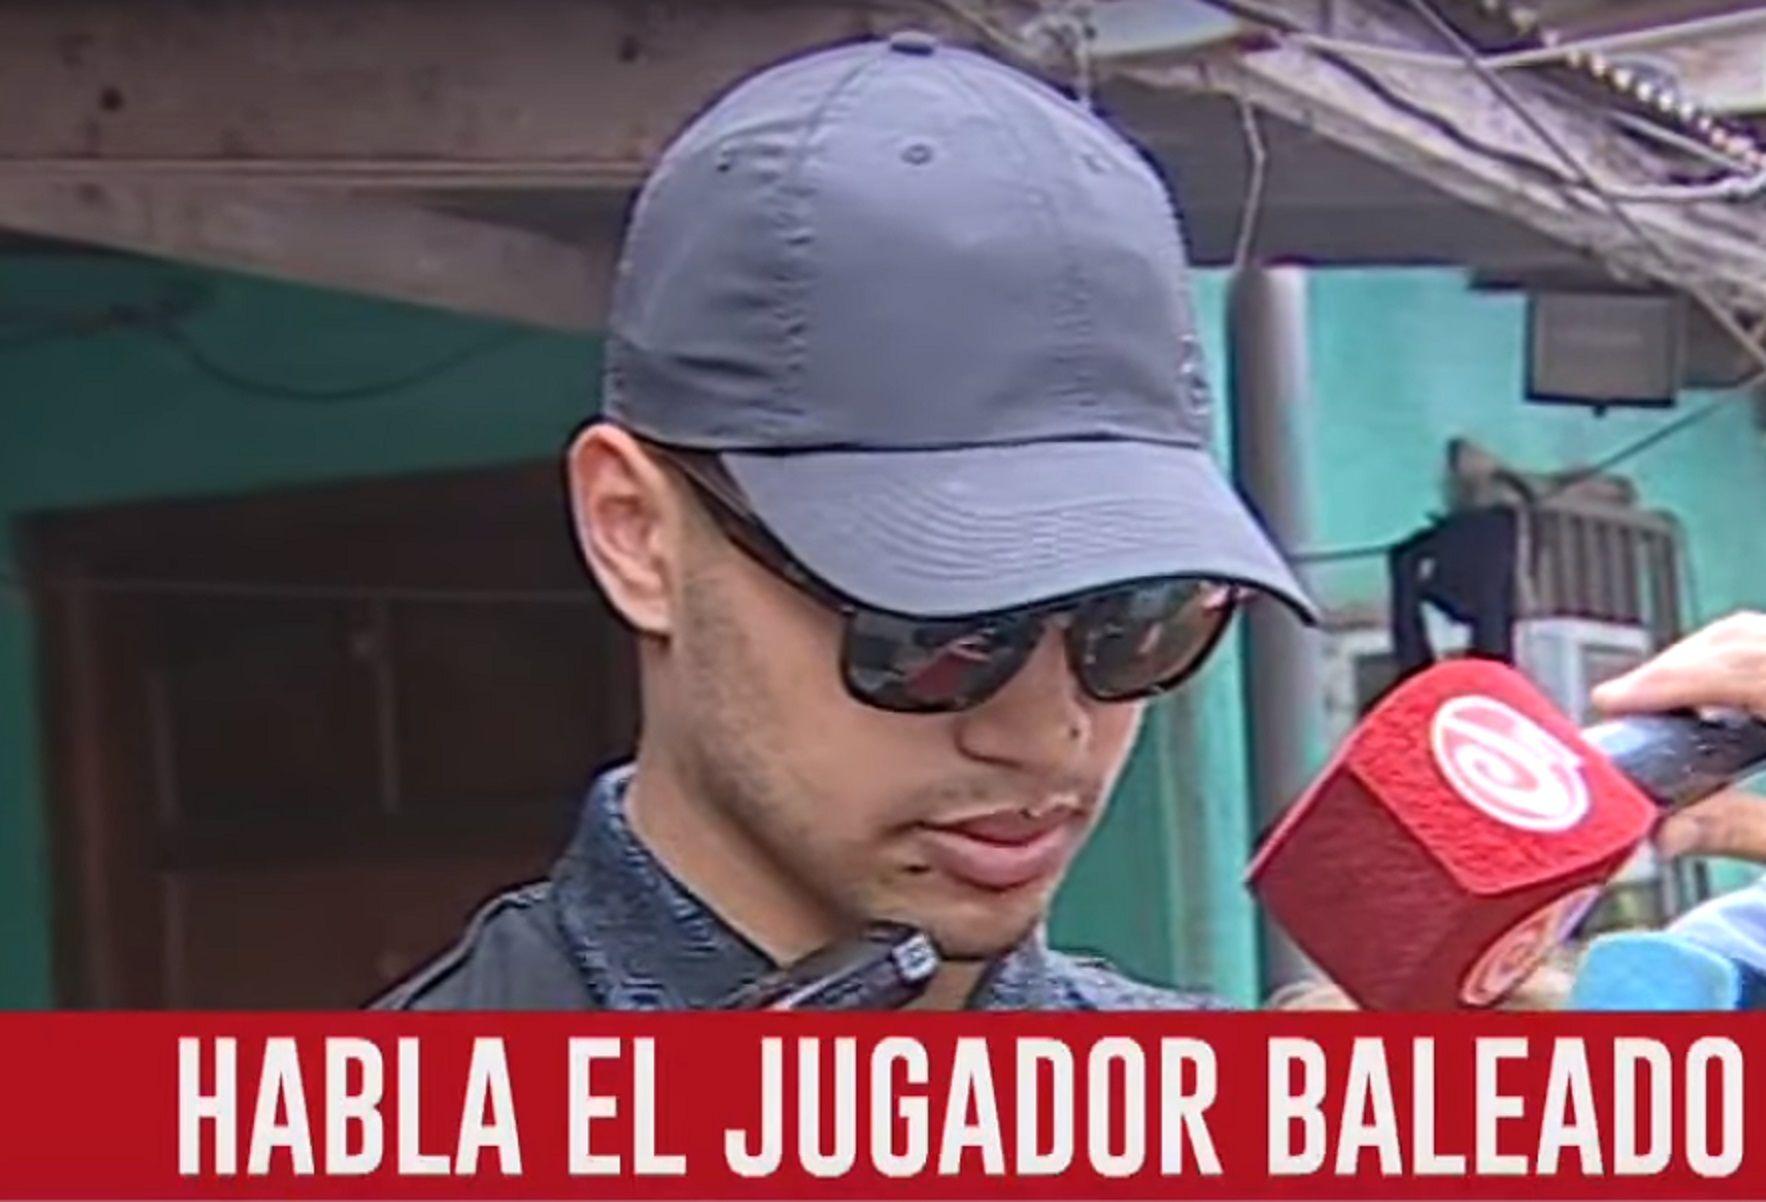 Alexis Salinas, el jugador de Arsenal baleado: Tengo miedo de no volver a ver a mi hijo